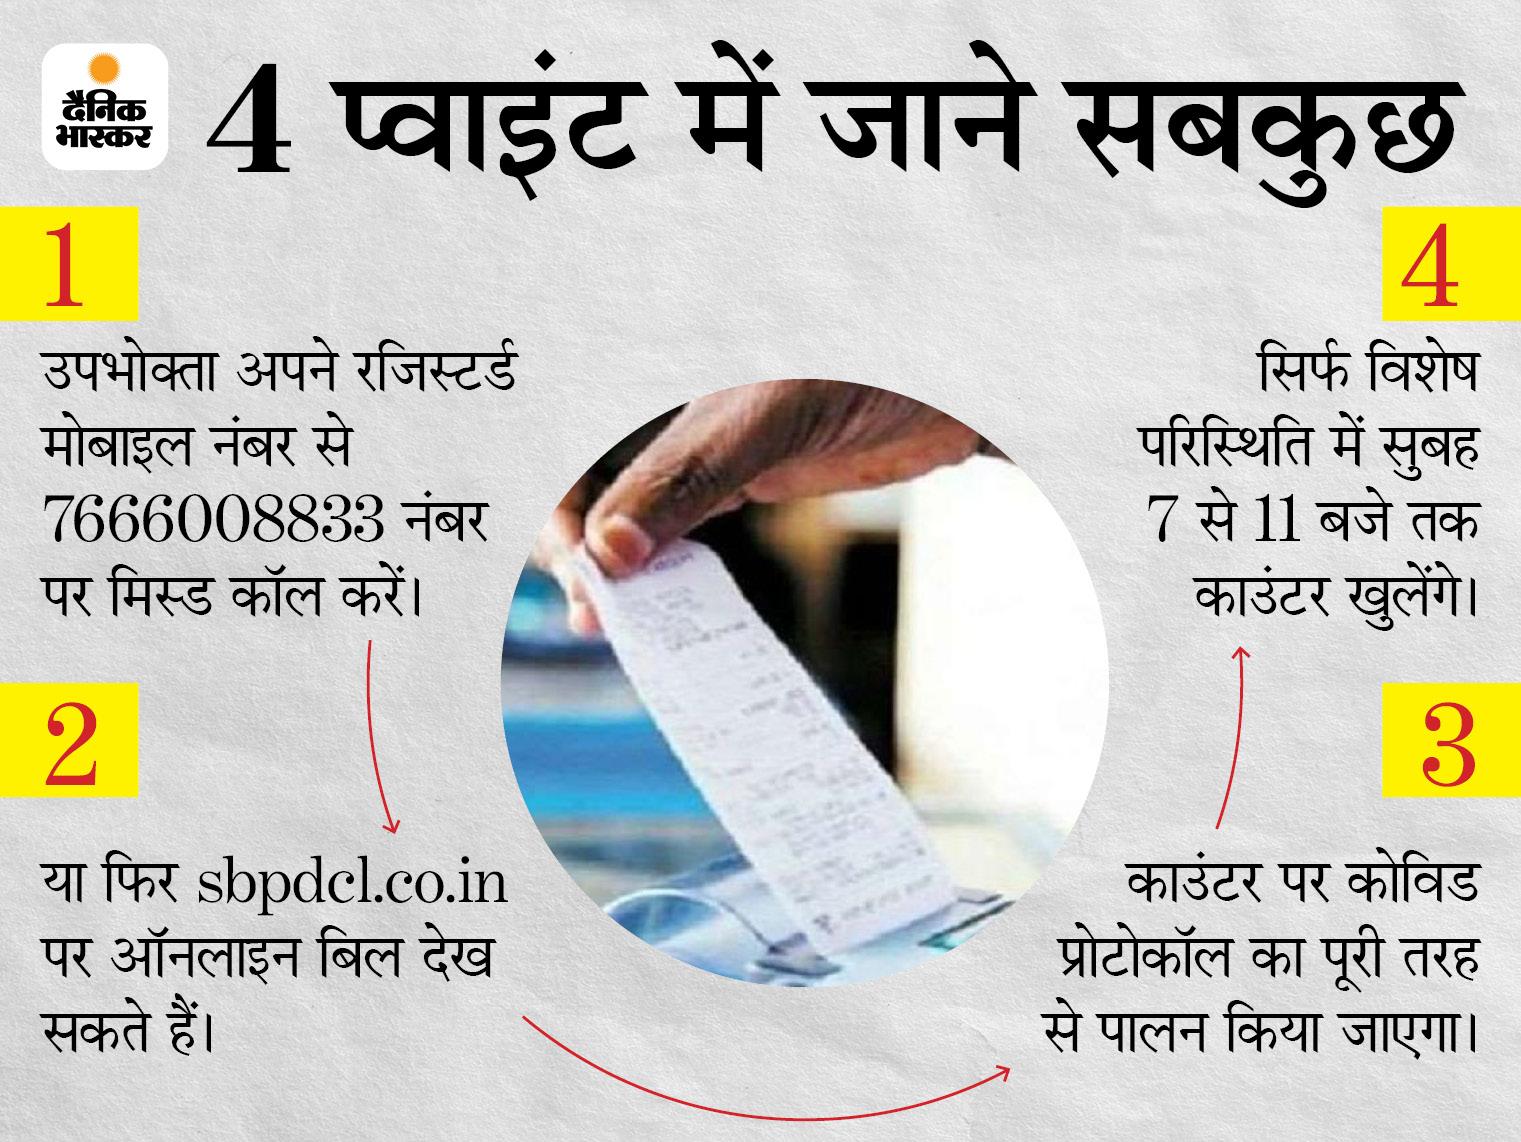 बिजली बिल चाहिए तो 7666008833 पर मिस्ड कॉल कीजिए, इस माह नहीं होगी स्पॉट बिलिंग, ऑनलाइन पेमेंट पर 1% विशेष छूट बिहार,Bihar - Dainik Bhaskar